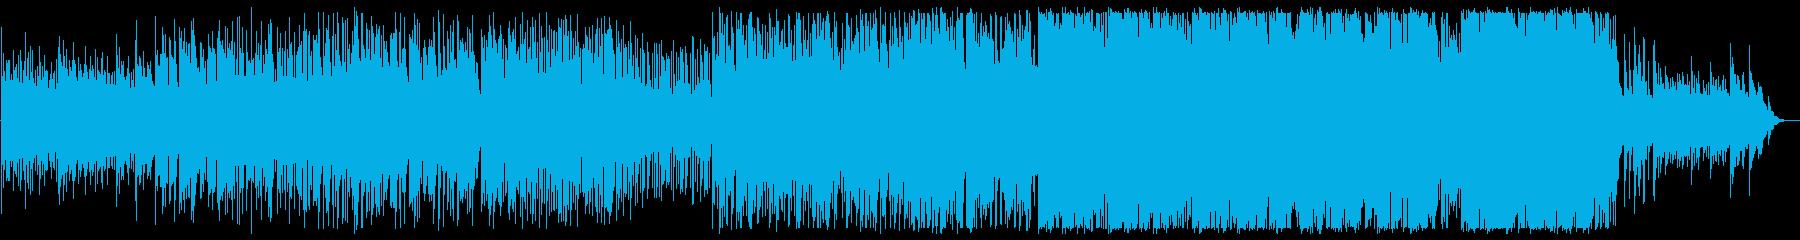 ゆったりなリズムで和むメロディーの再生済みの波形